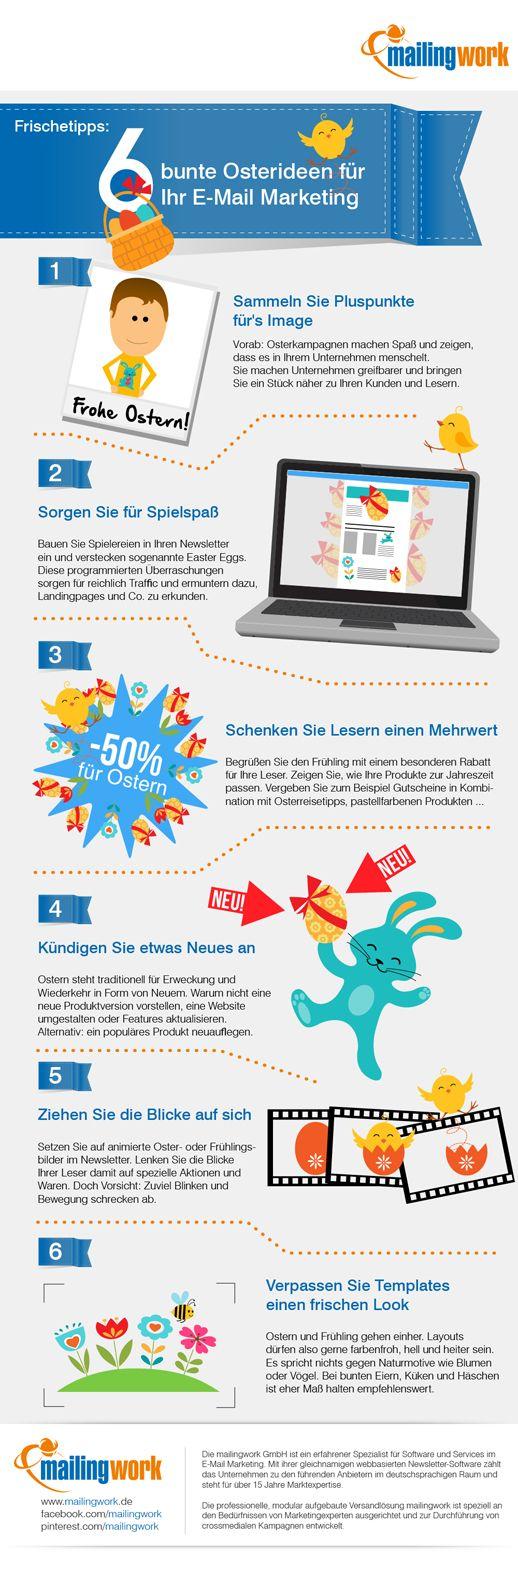 Ostertipp! 6 Ideen für Ihr E-Mail Marketing